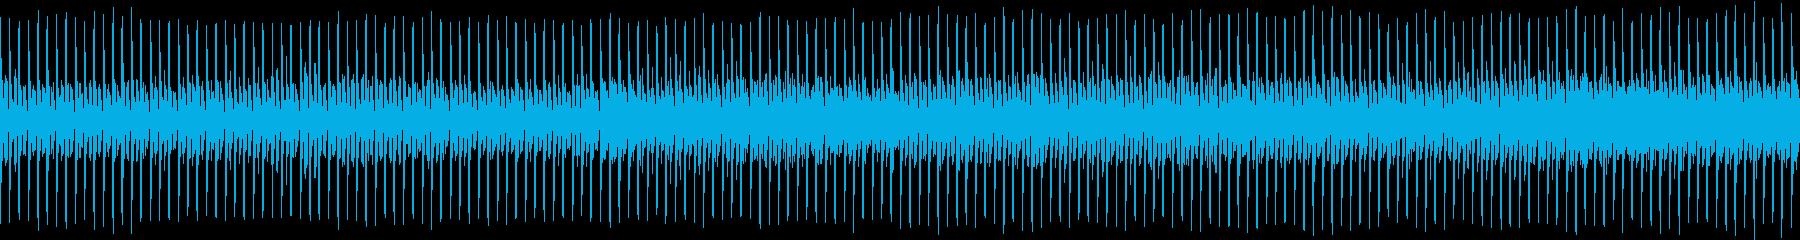 にぎやかなパレードをイメージした曲の再生済みの波形